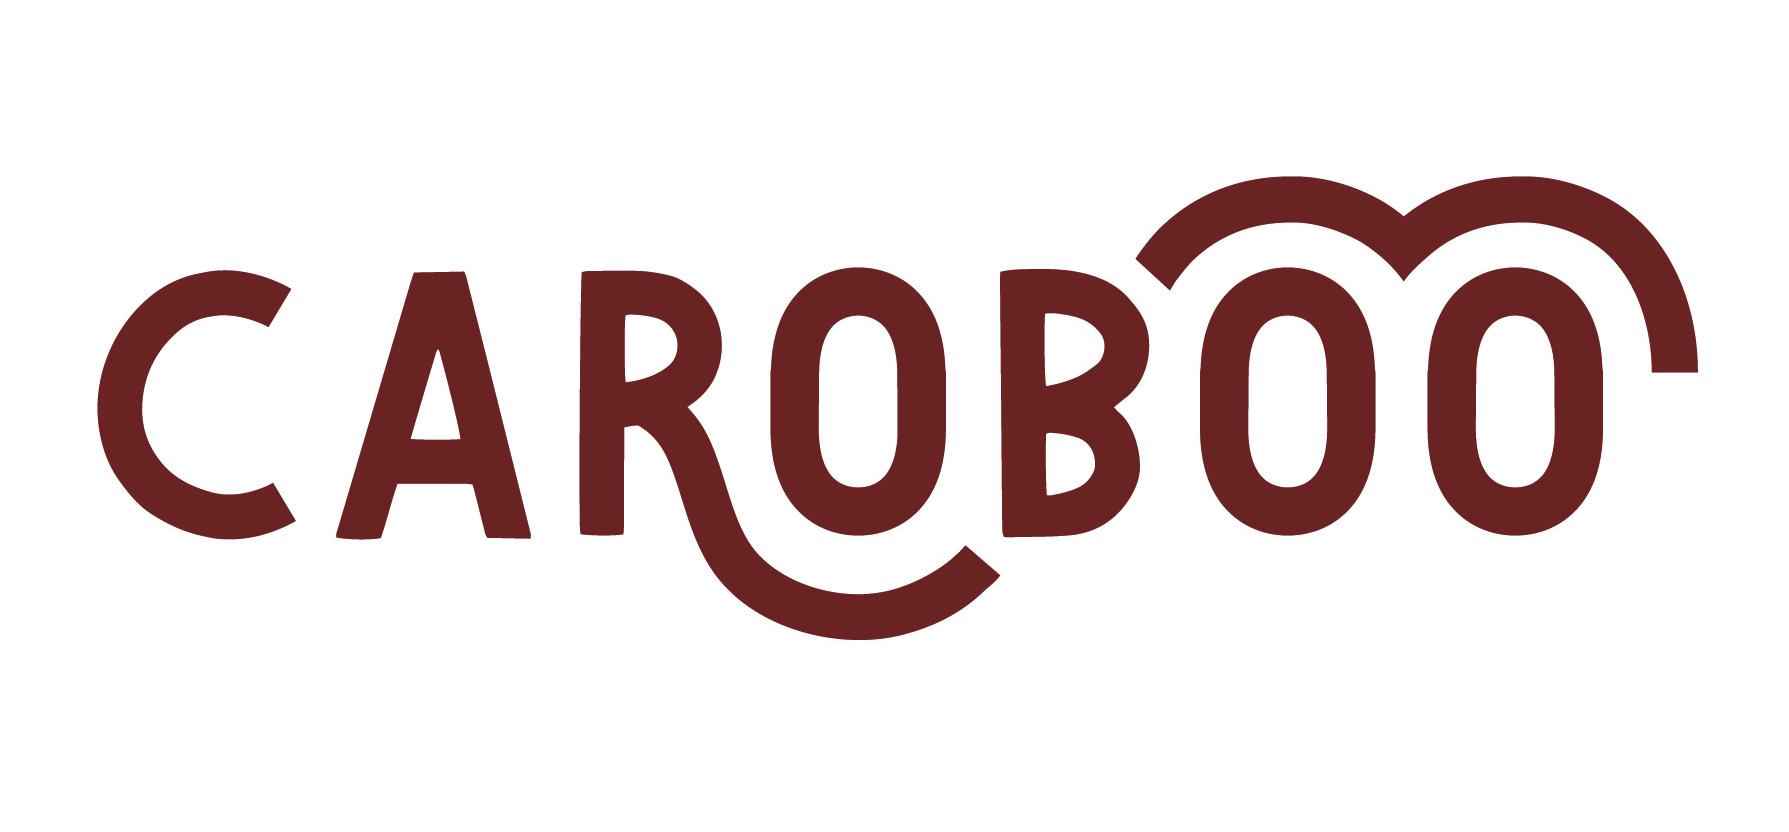 Caroboo logo